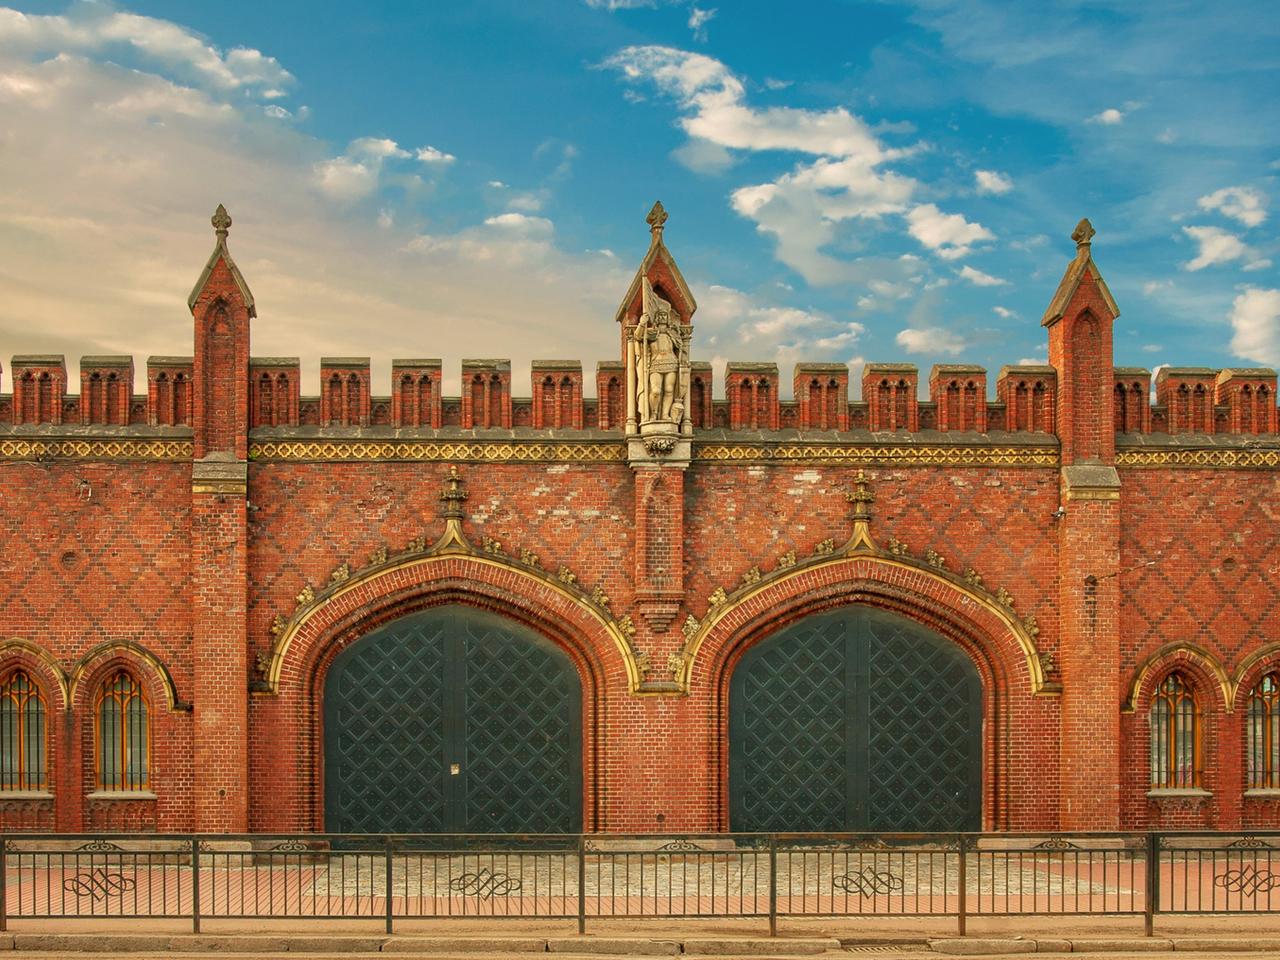 Фридландские ворота, Калининград